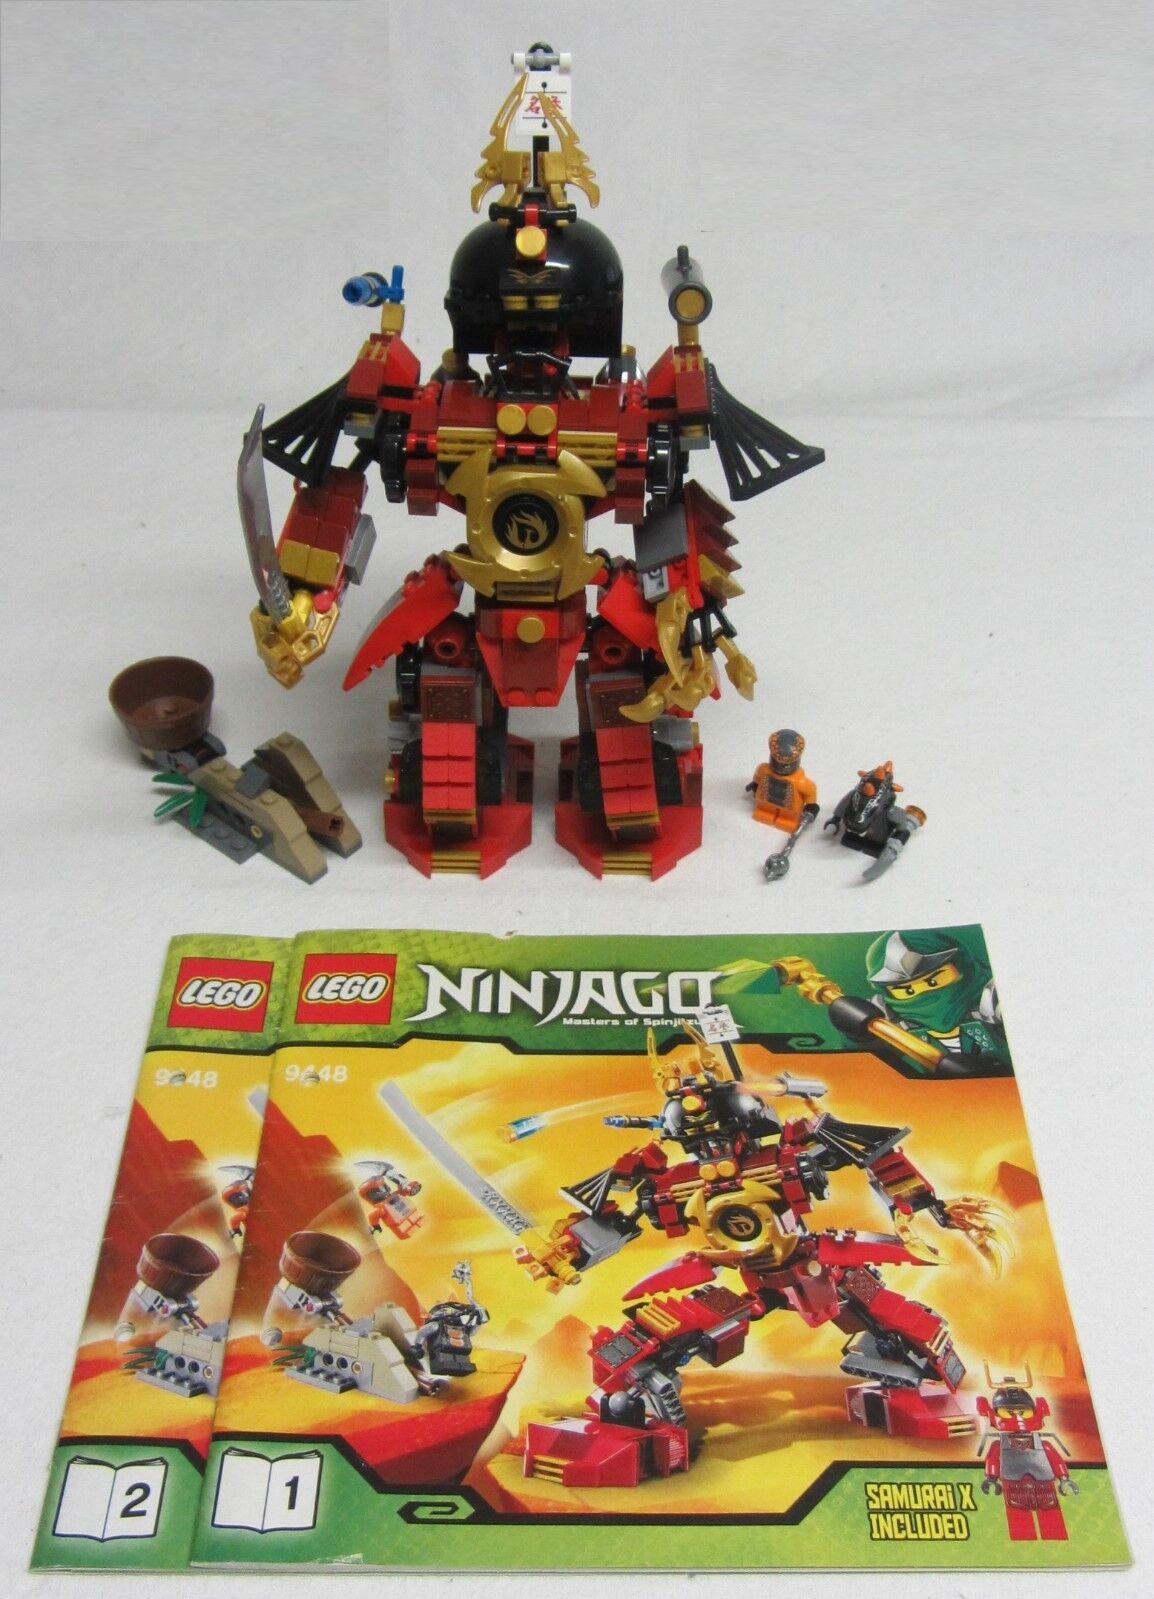 LEGO NINJAGO Nr:9448 (sehr guter Zustand - vollständig) - ohne OVP